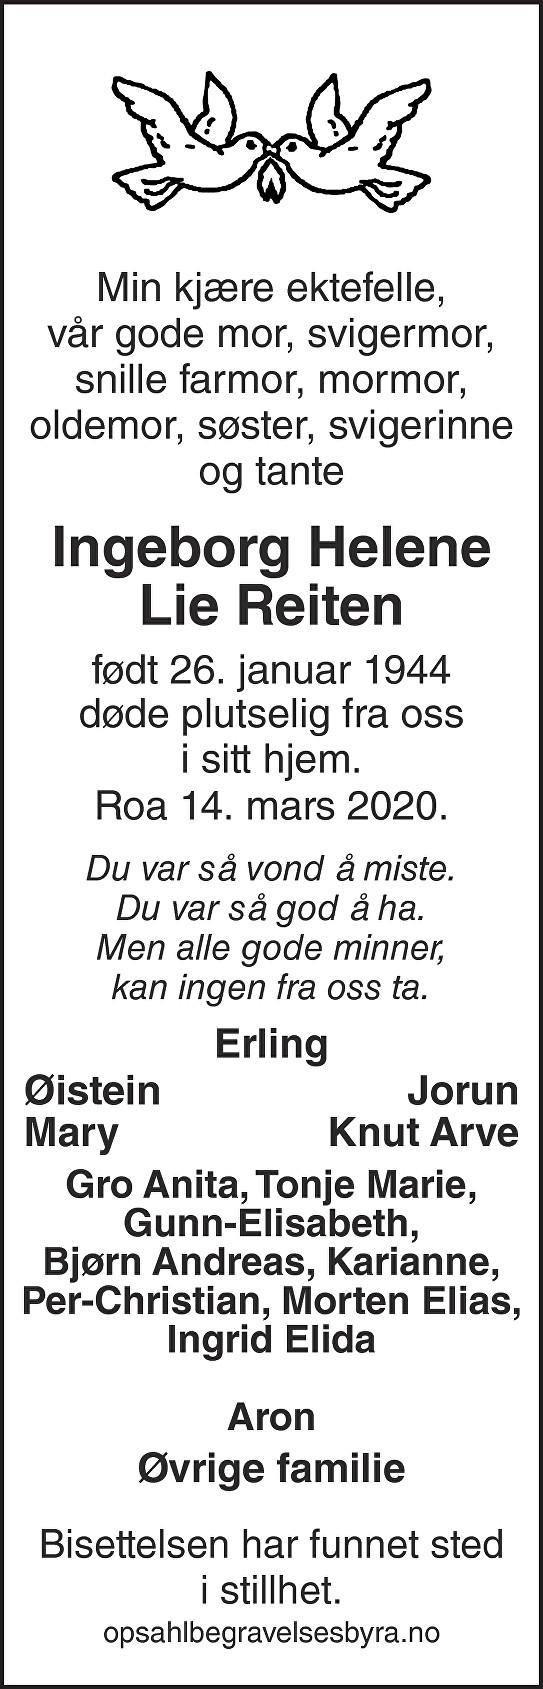 Ingeborg Helene Lie Reiten Dødsannonse